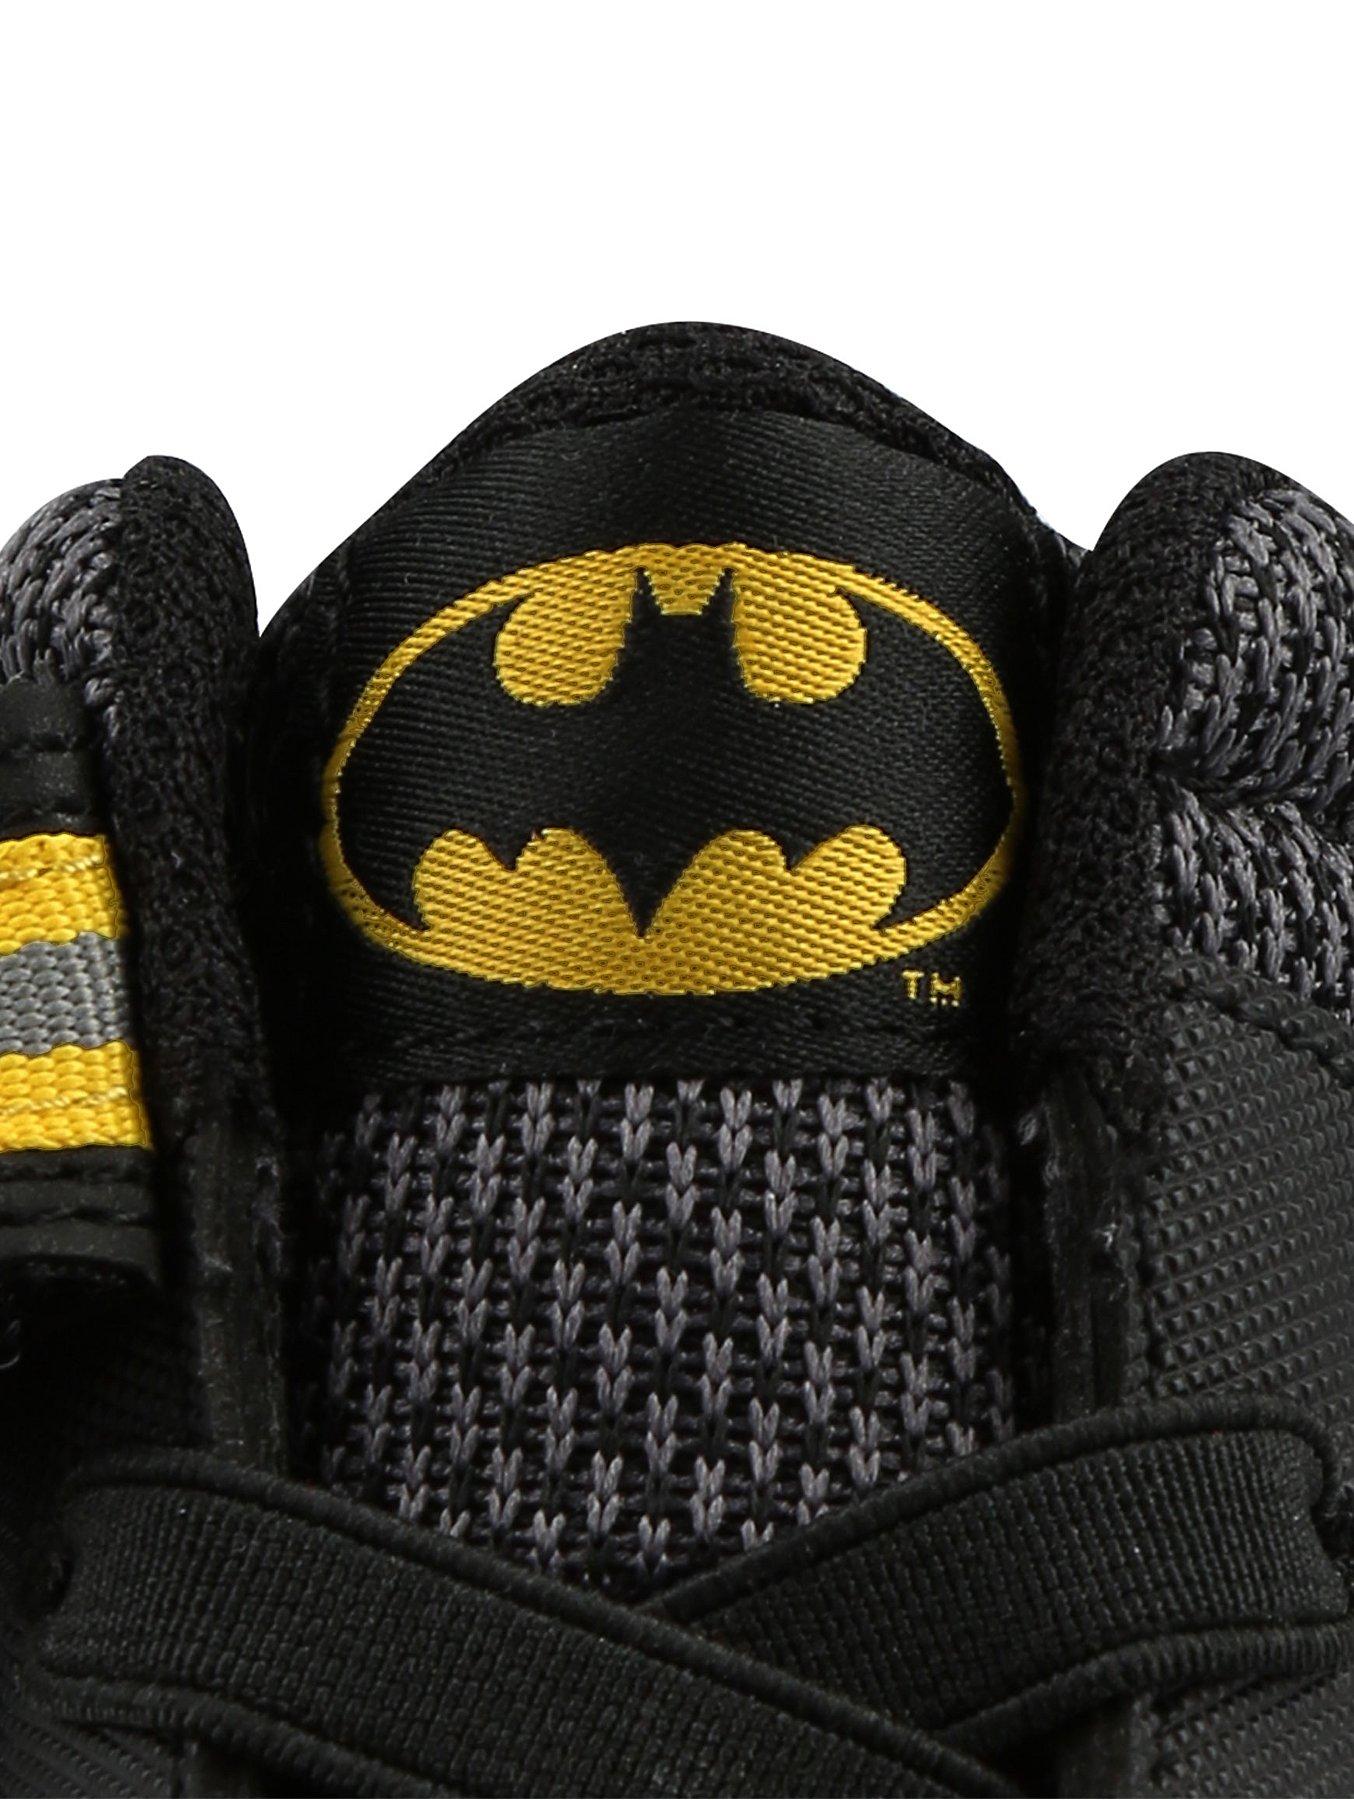 5a17bcf9a47843 DC Comics Batman Black 1 Strap High Top Trainers. Reset